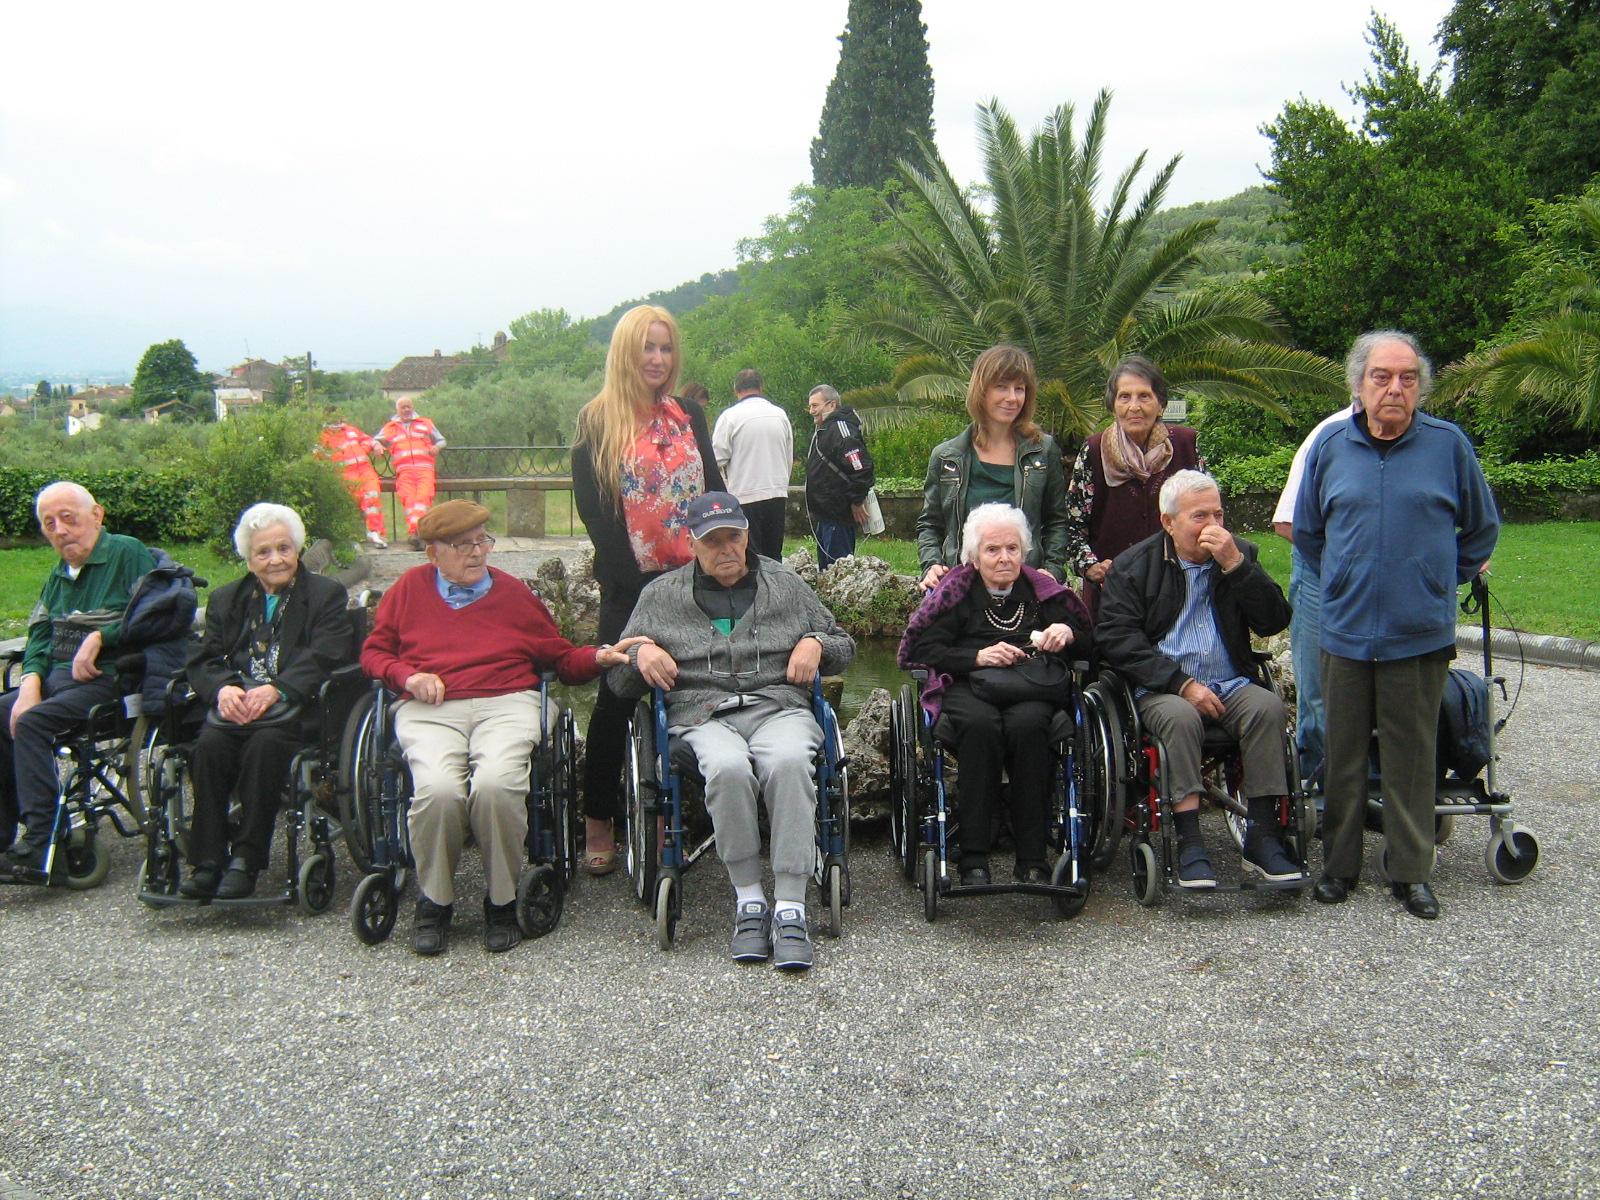 La Limonaia Villa Rospigliosi gli anziani di villa maria assunta in gita a villa